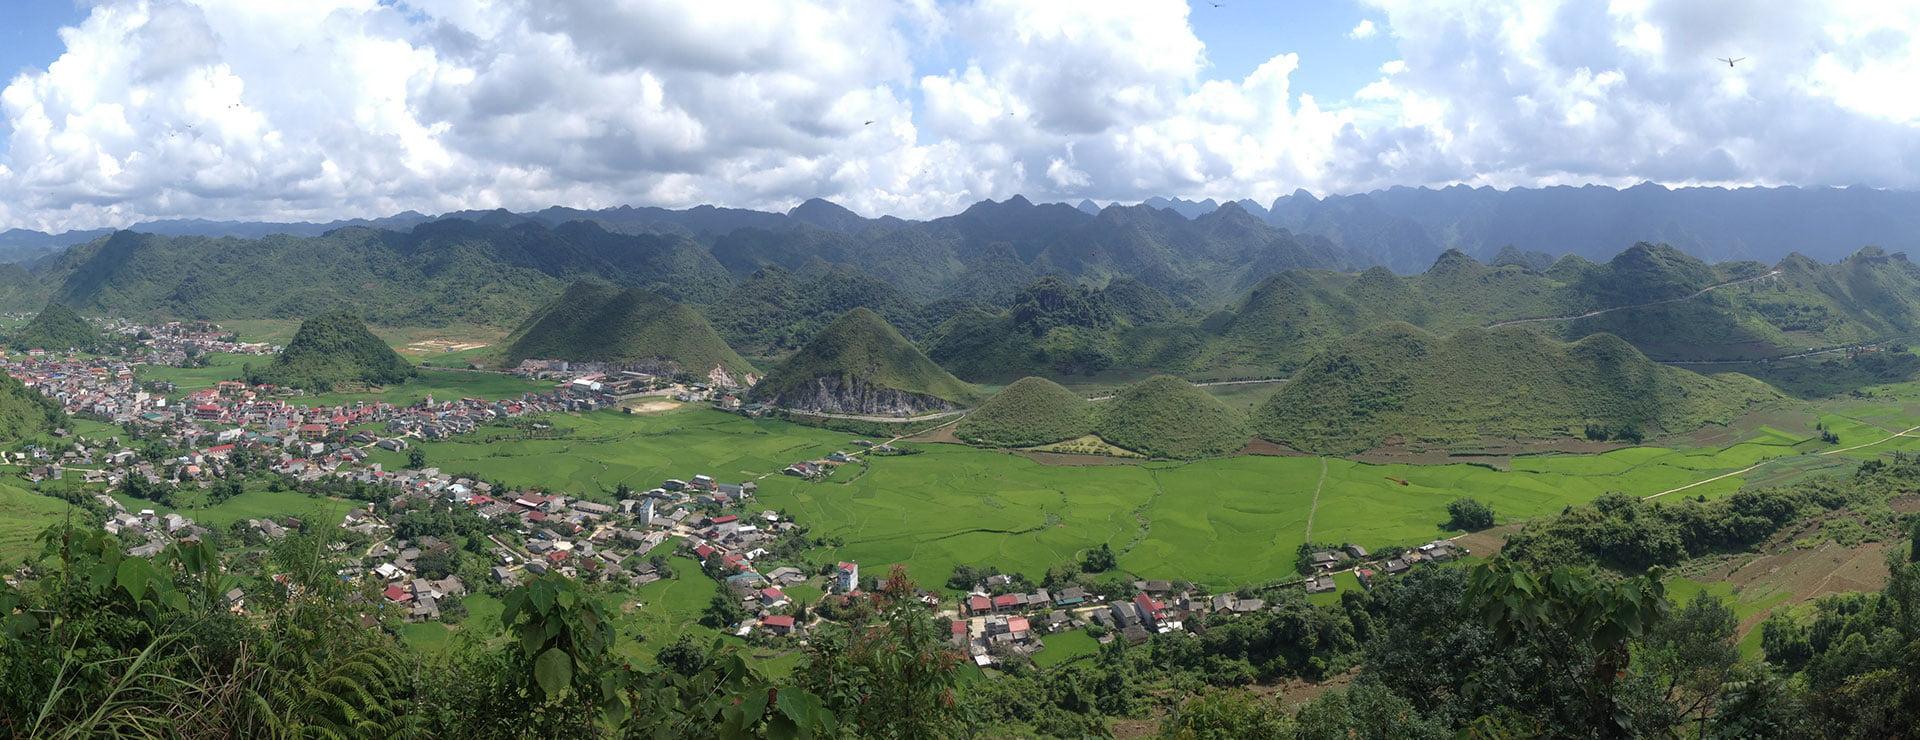 La lista completa de experiencias que DEBE tener en su viaje a Vietnam